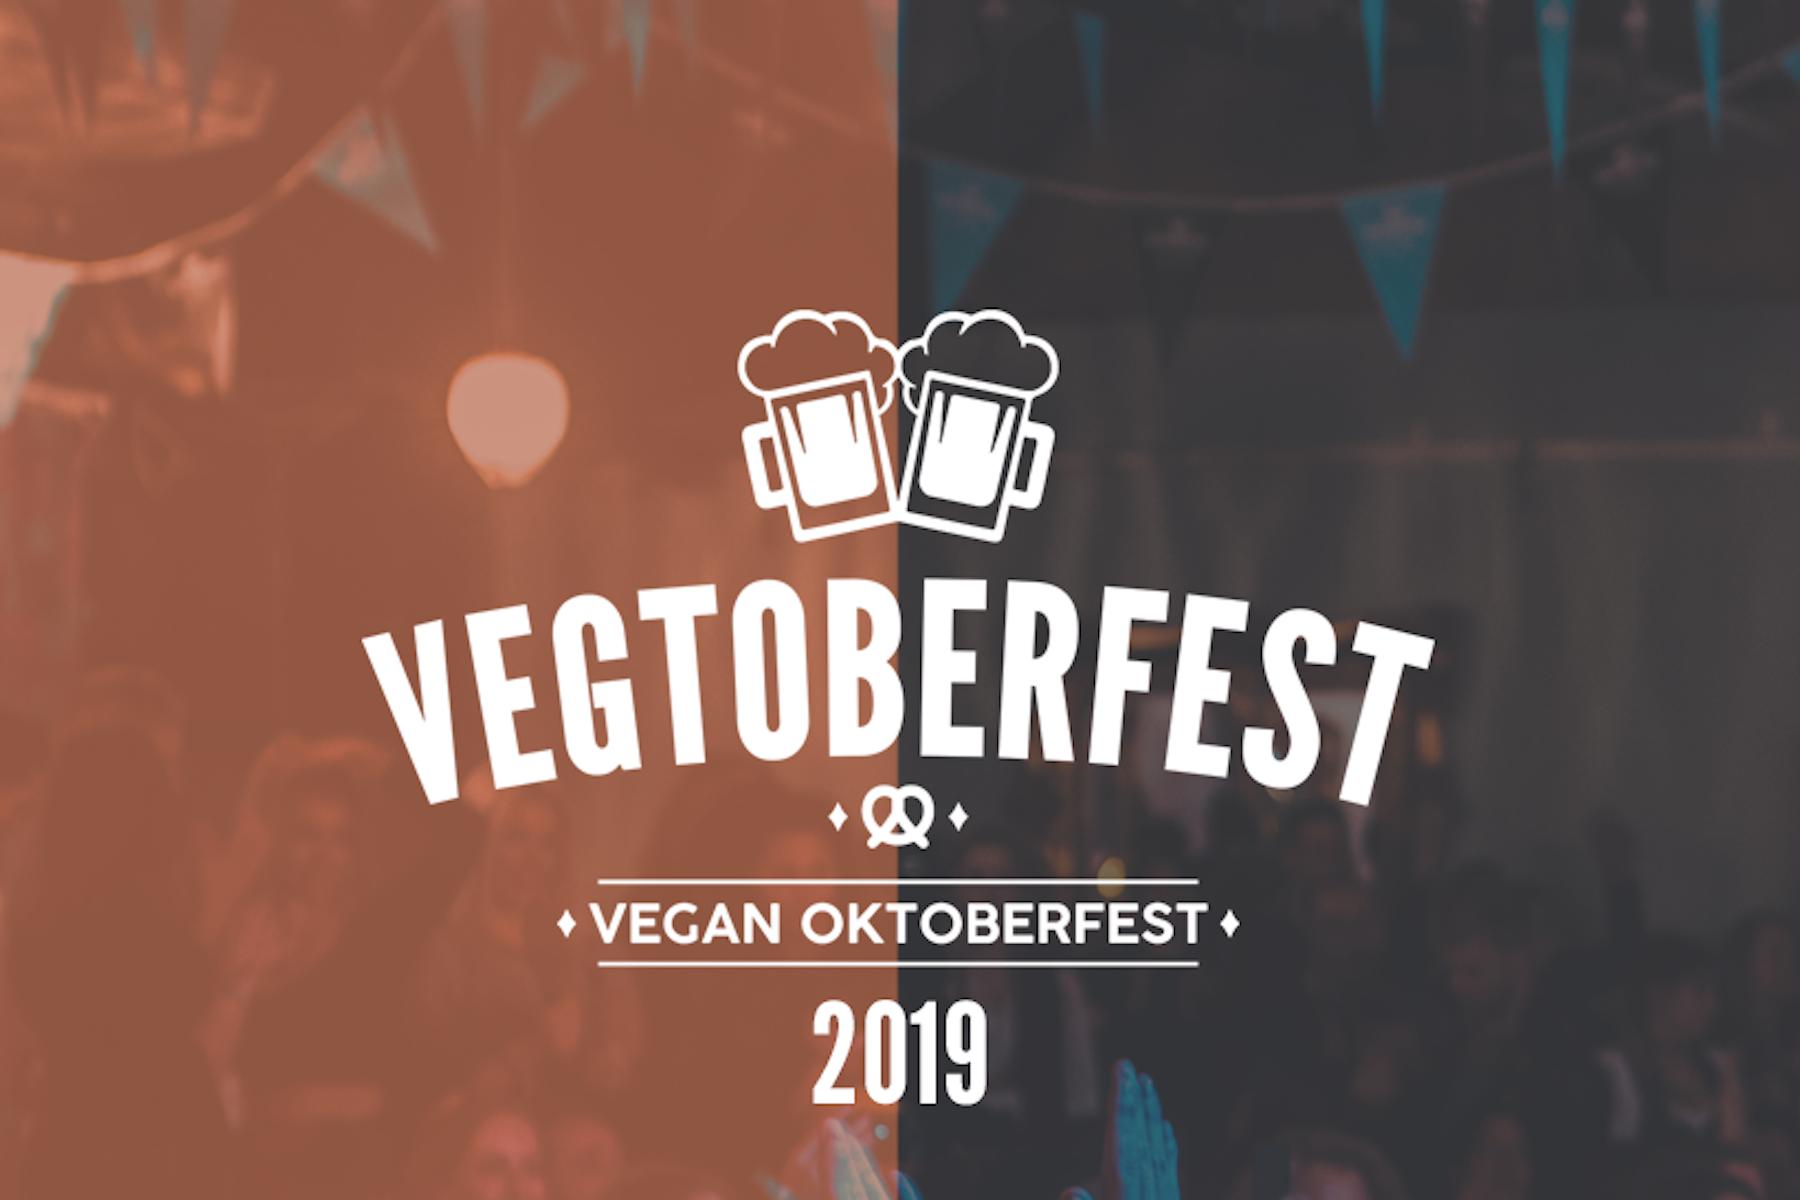 Vegtoberfest_hero-desktop_Cm-website